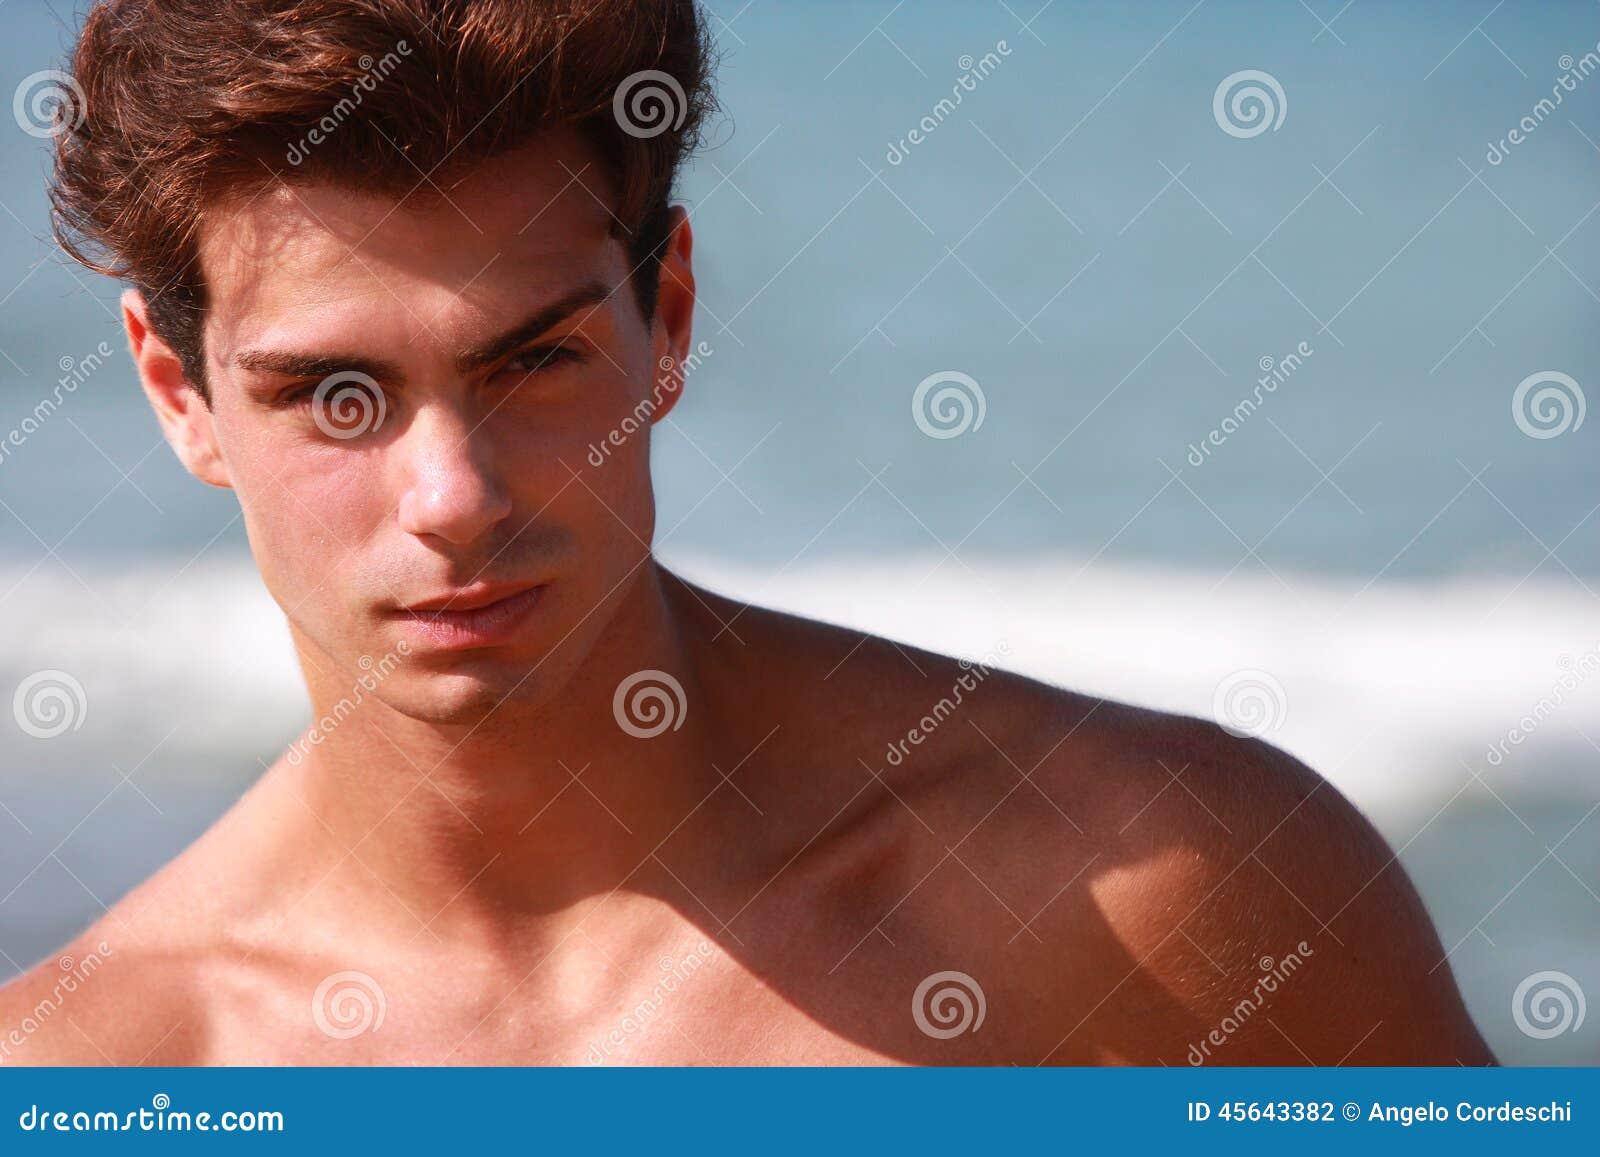 Mooi en spier jonge mensen shirtless portret